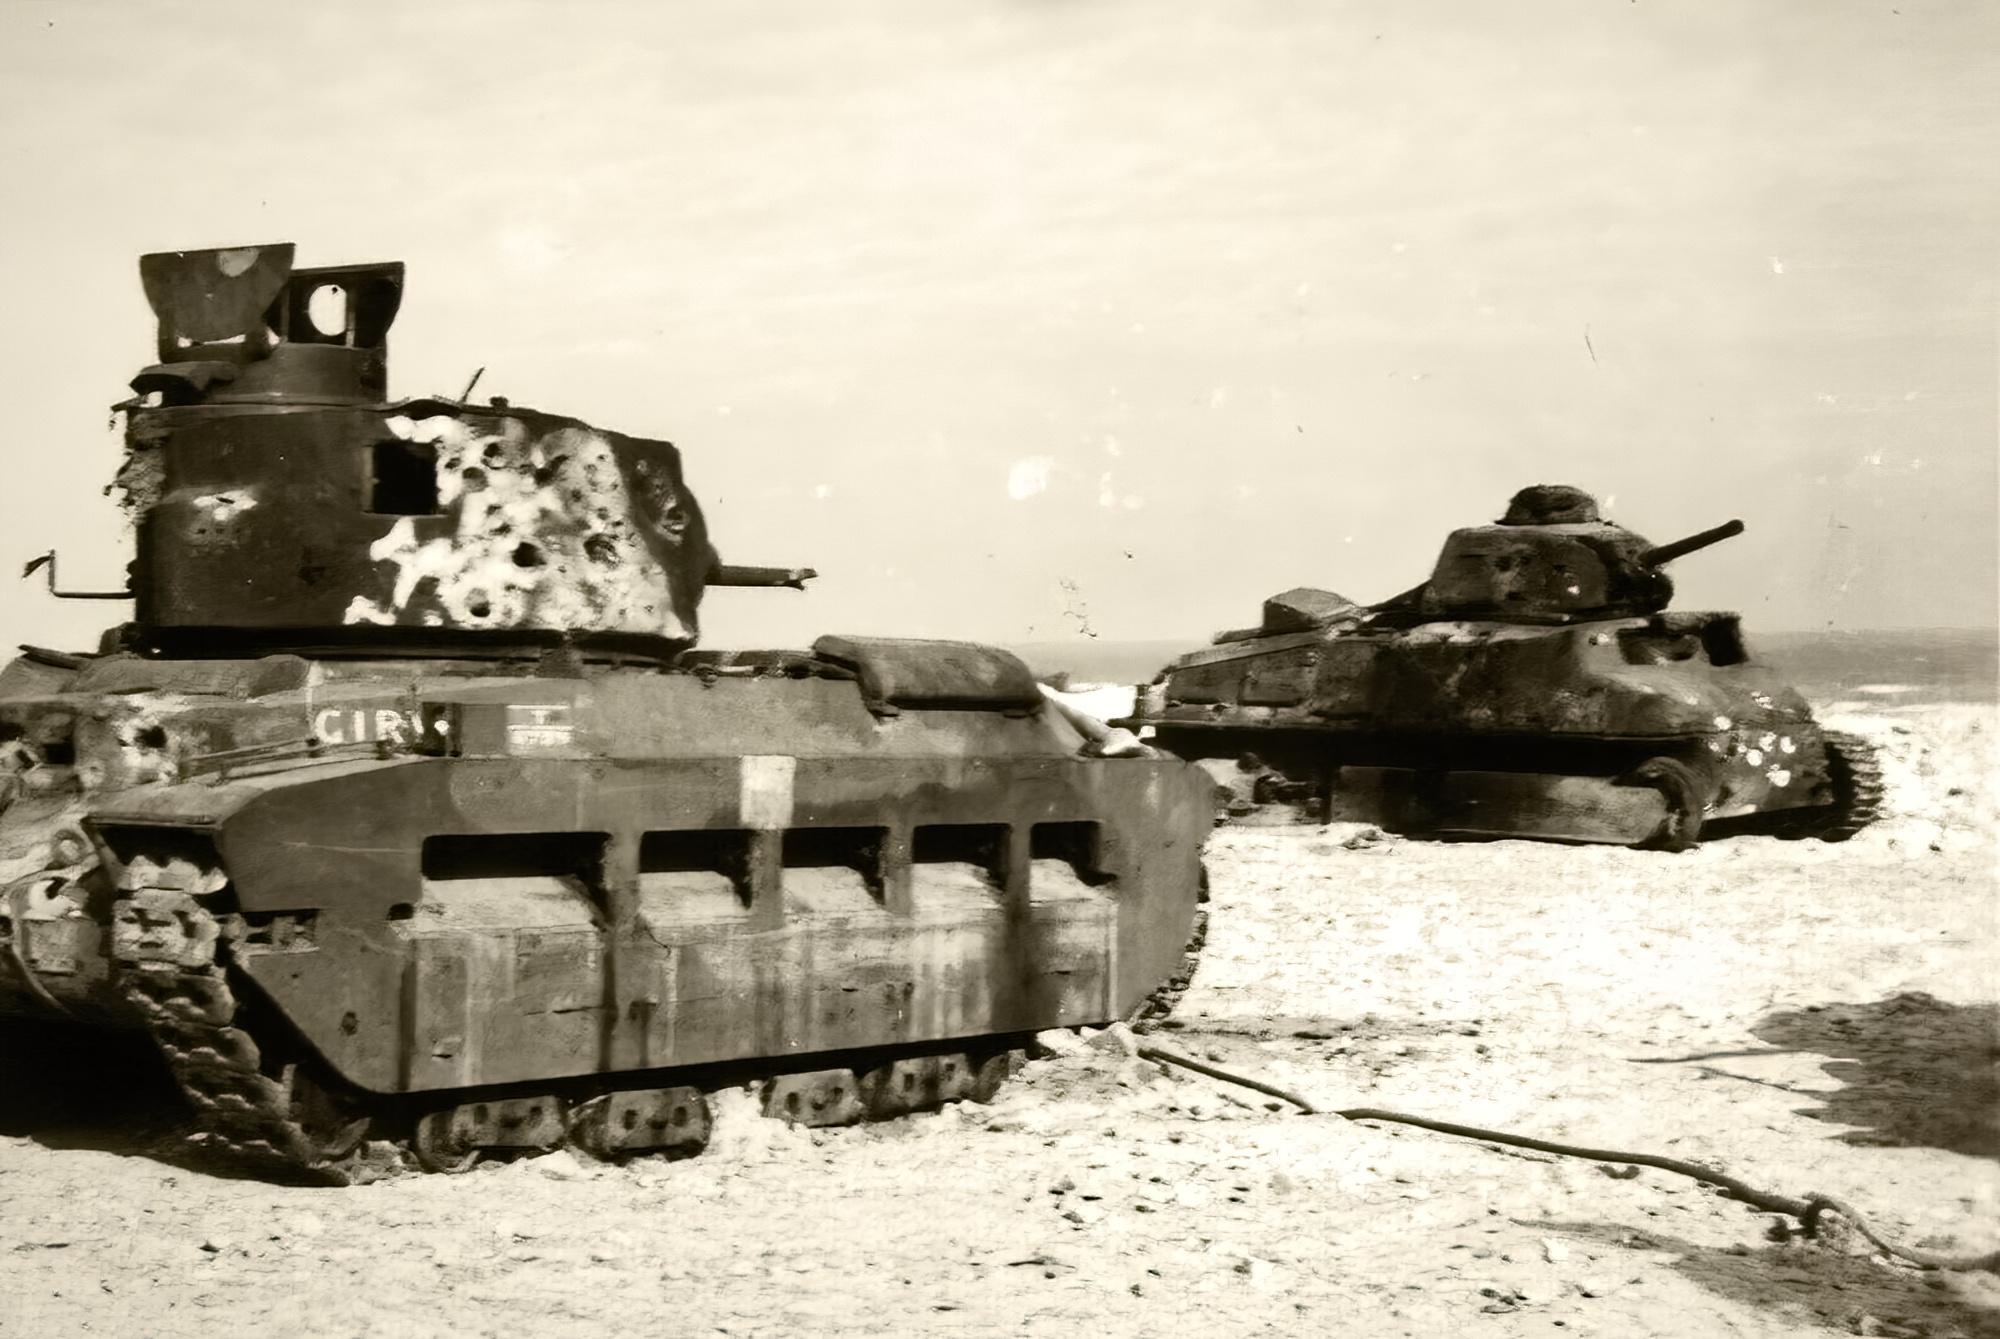 British Matilda abandoned with French Somua S35 during battle of France 1940 ebay 01